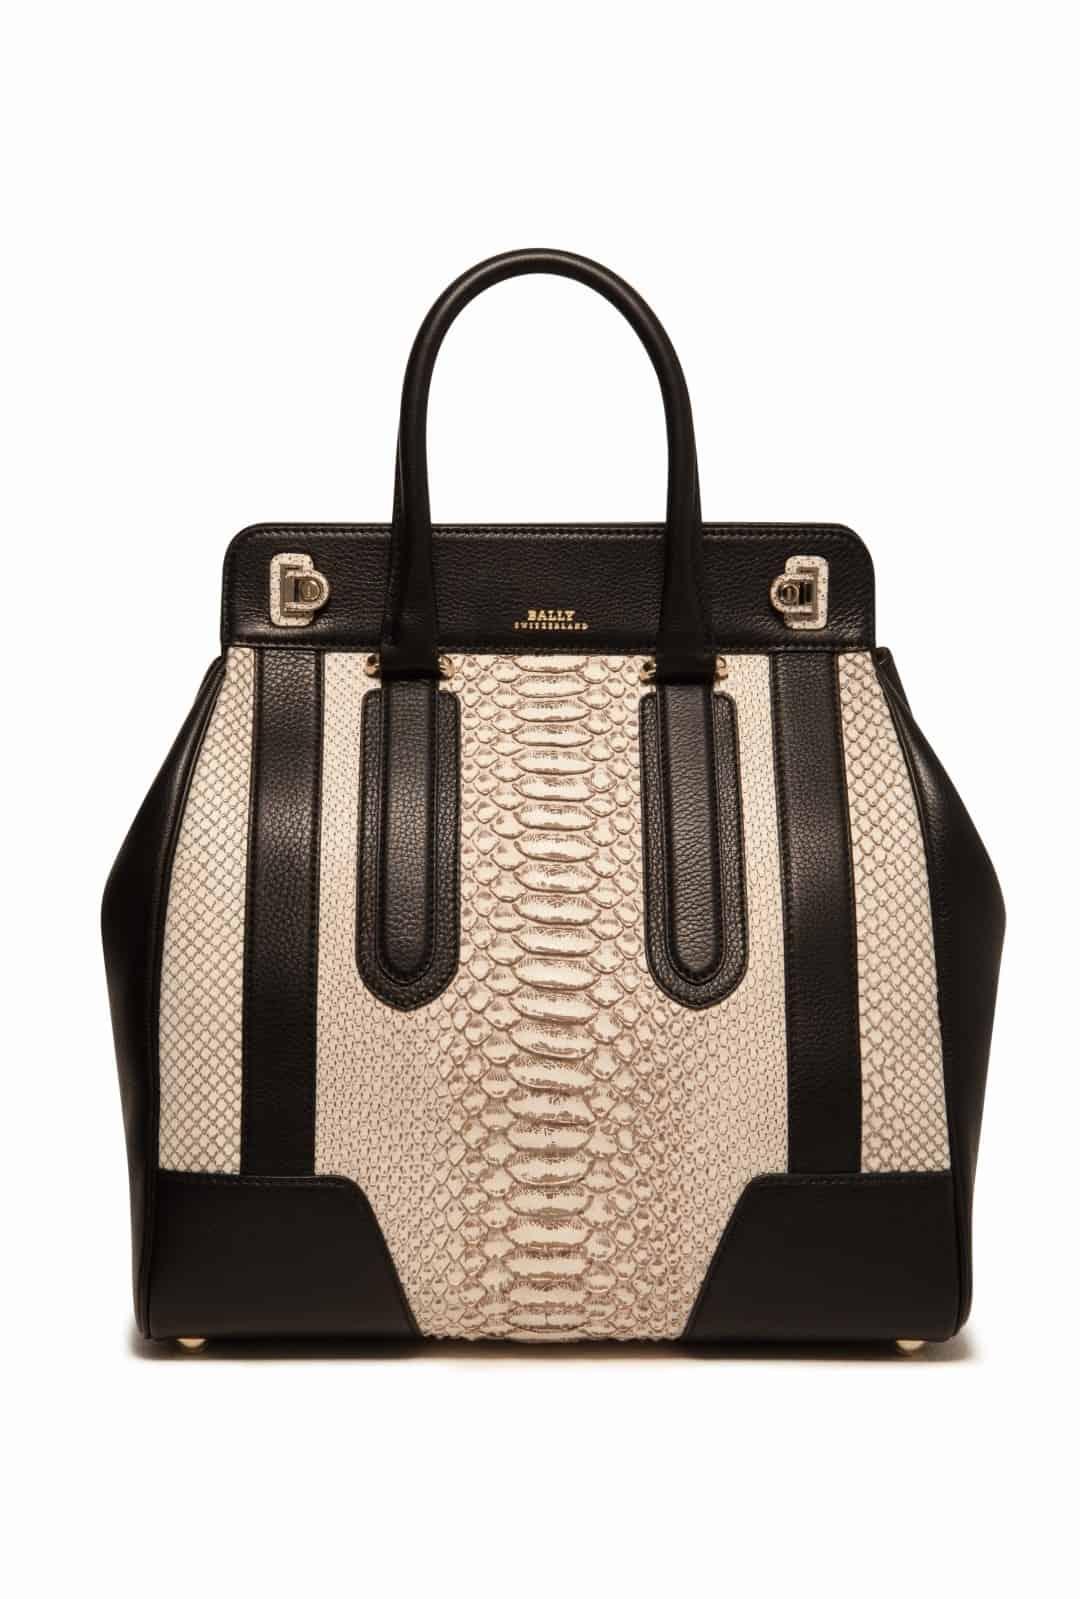 La borsa GRANDE DELFINA di Bally sinonimo di eleganza e raffinatezza